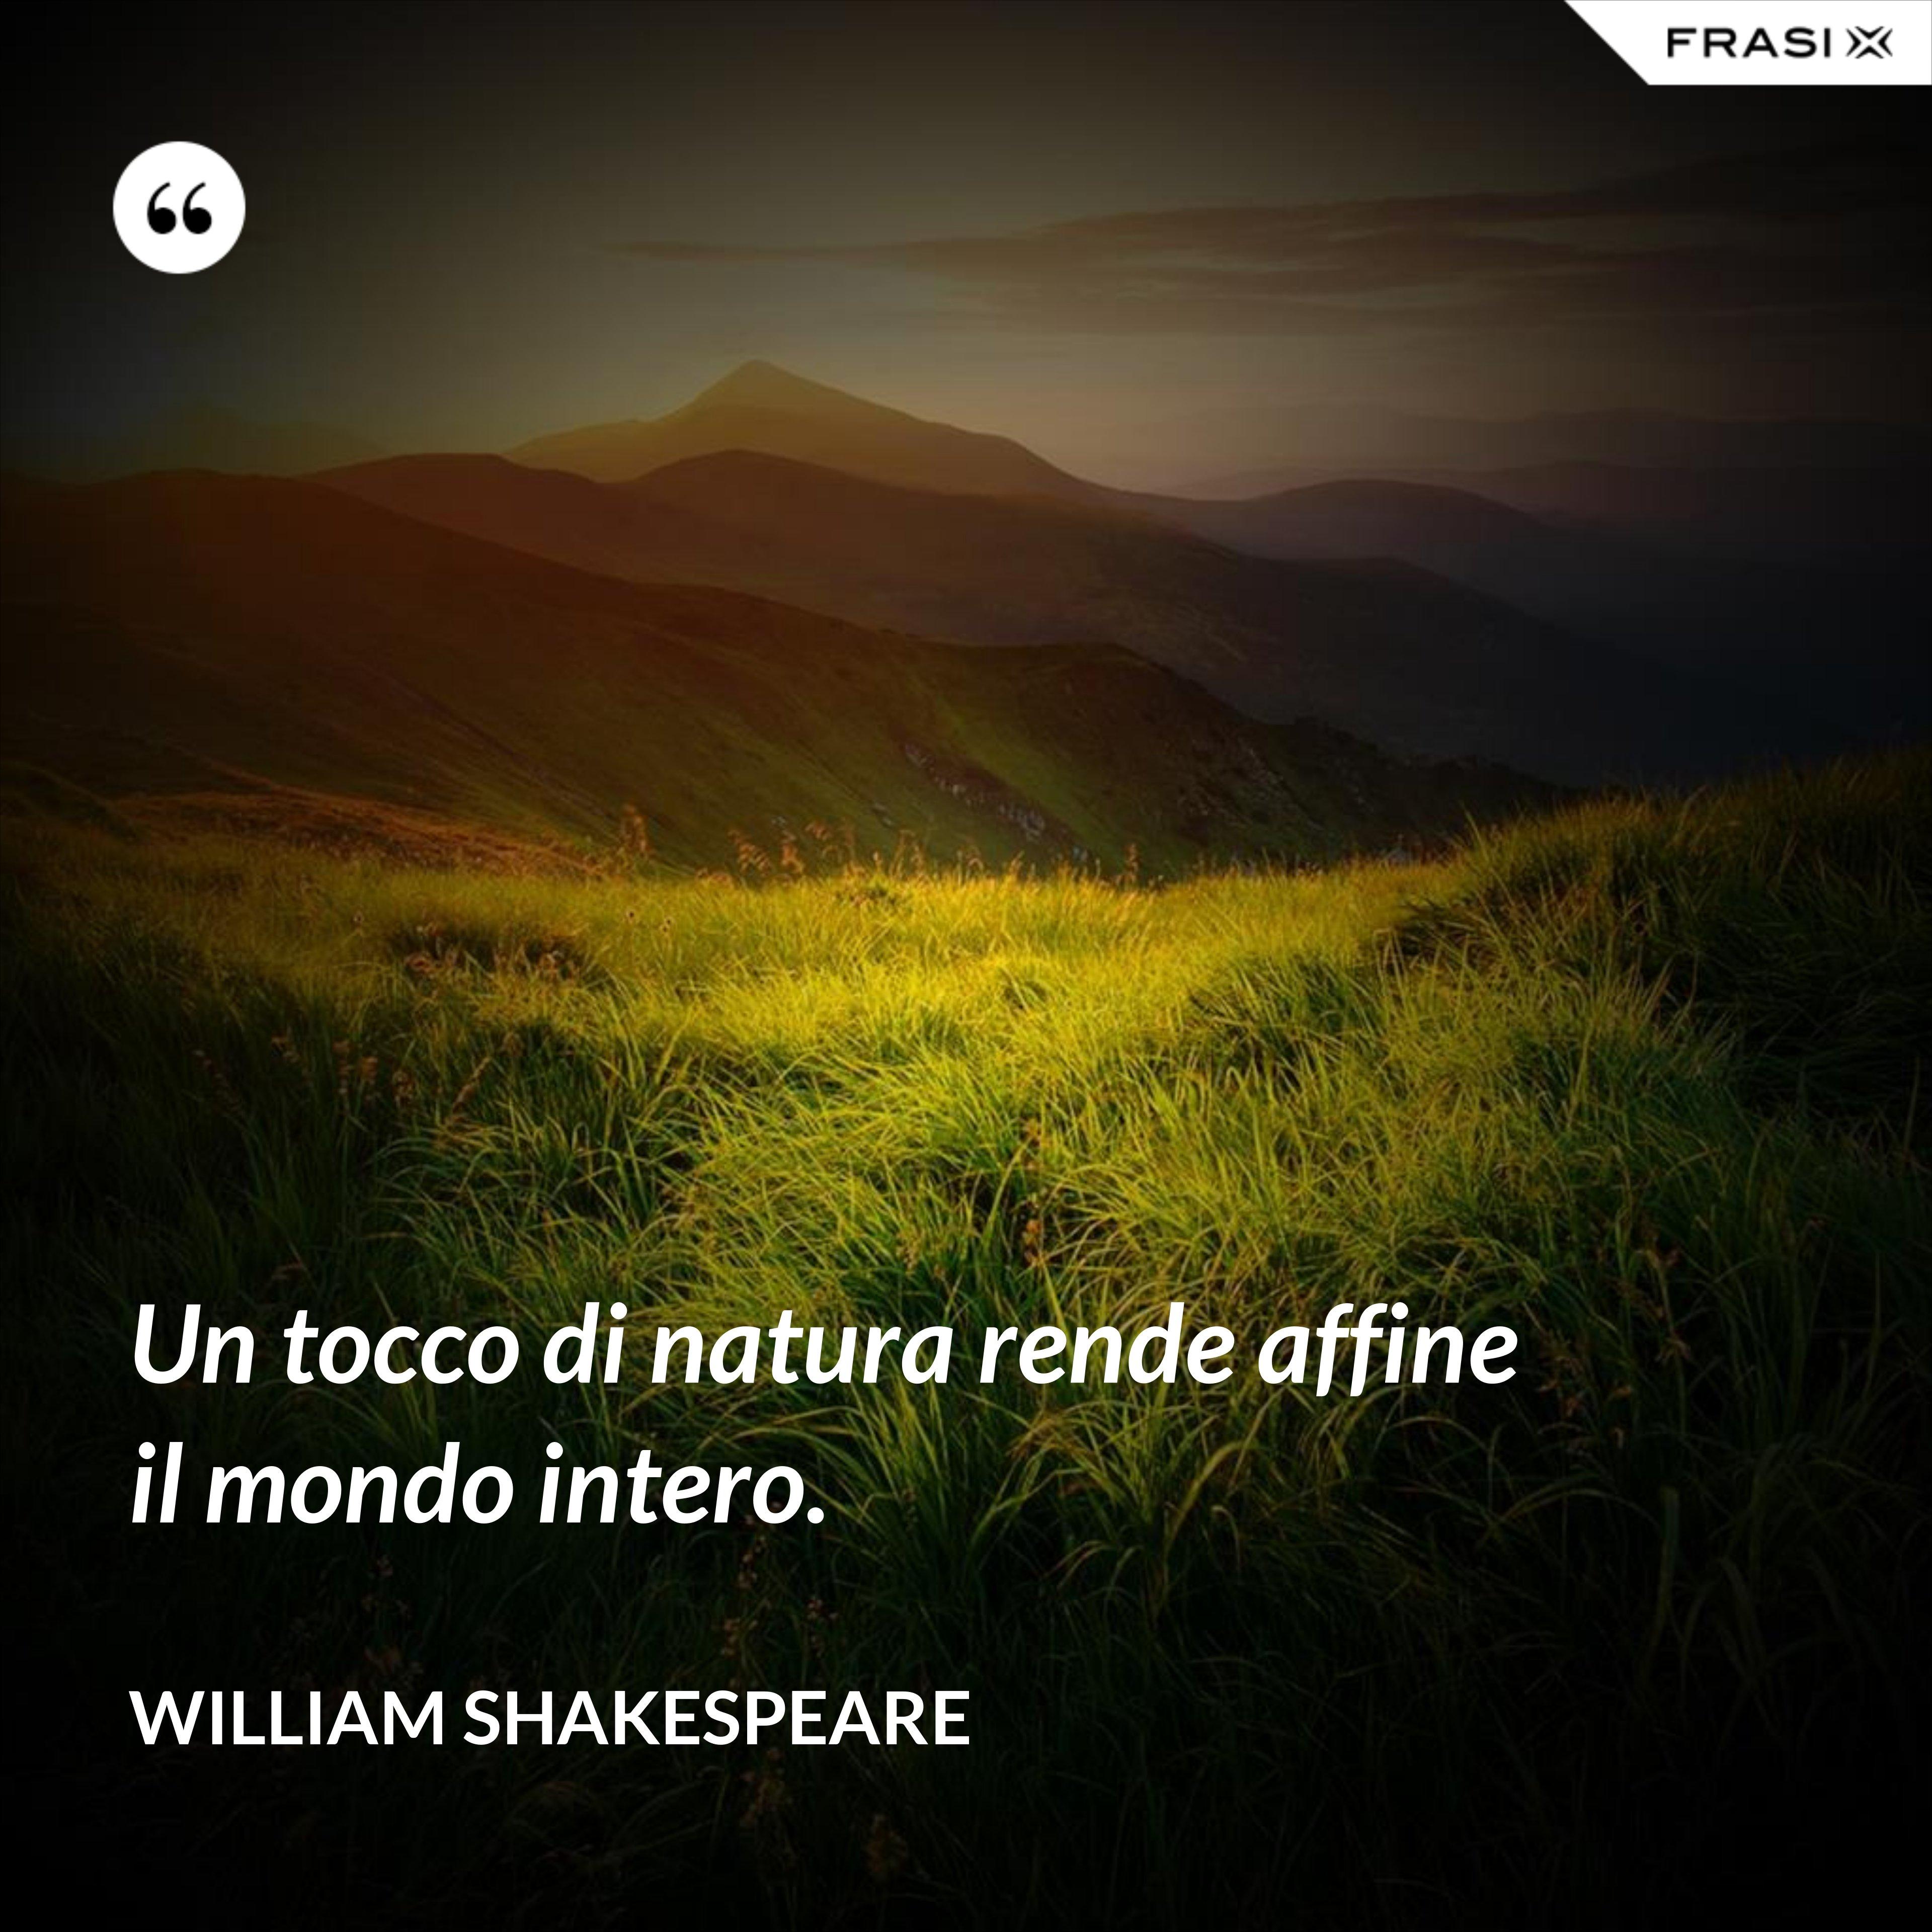 Un tocco di natura rende affine il mondo intero. - William Shakespeare